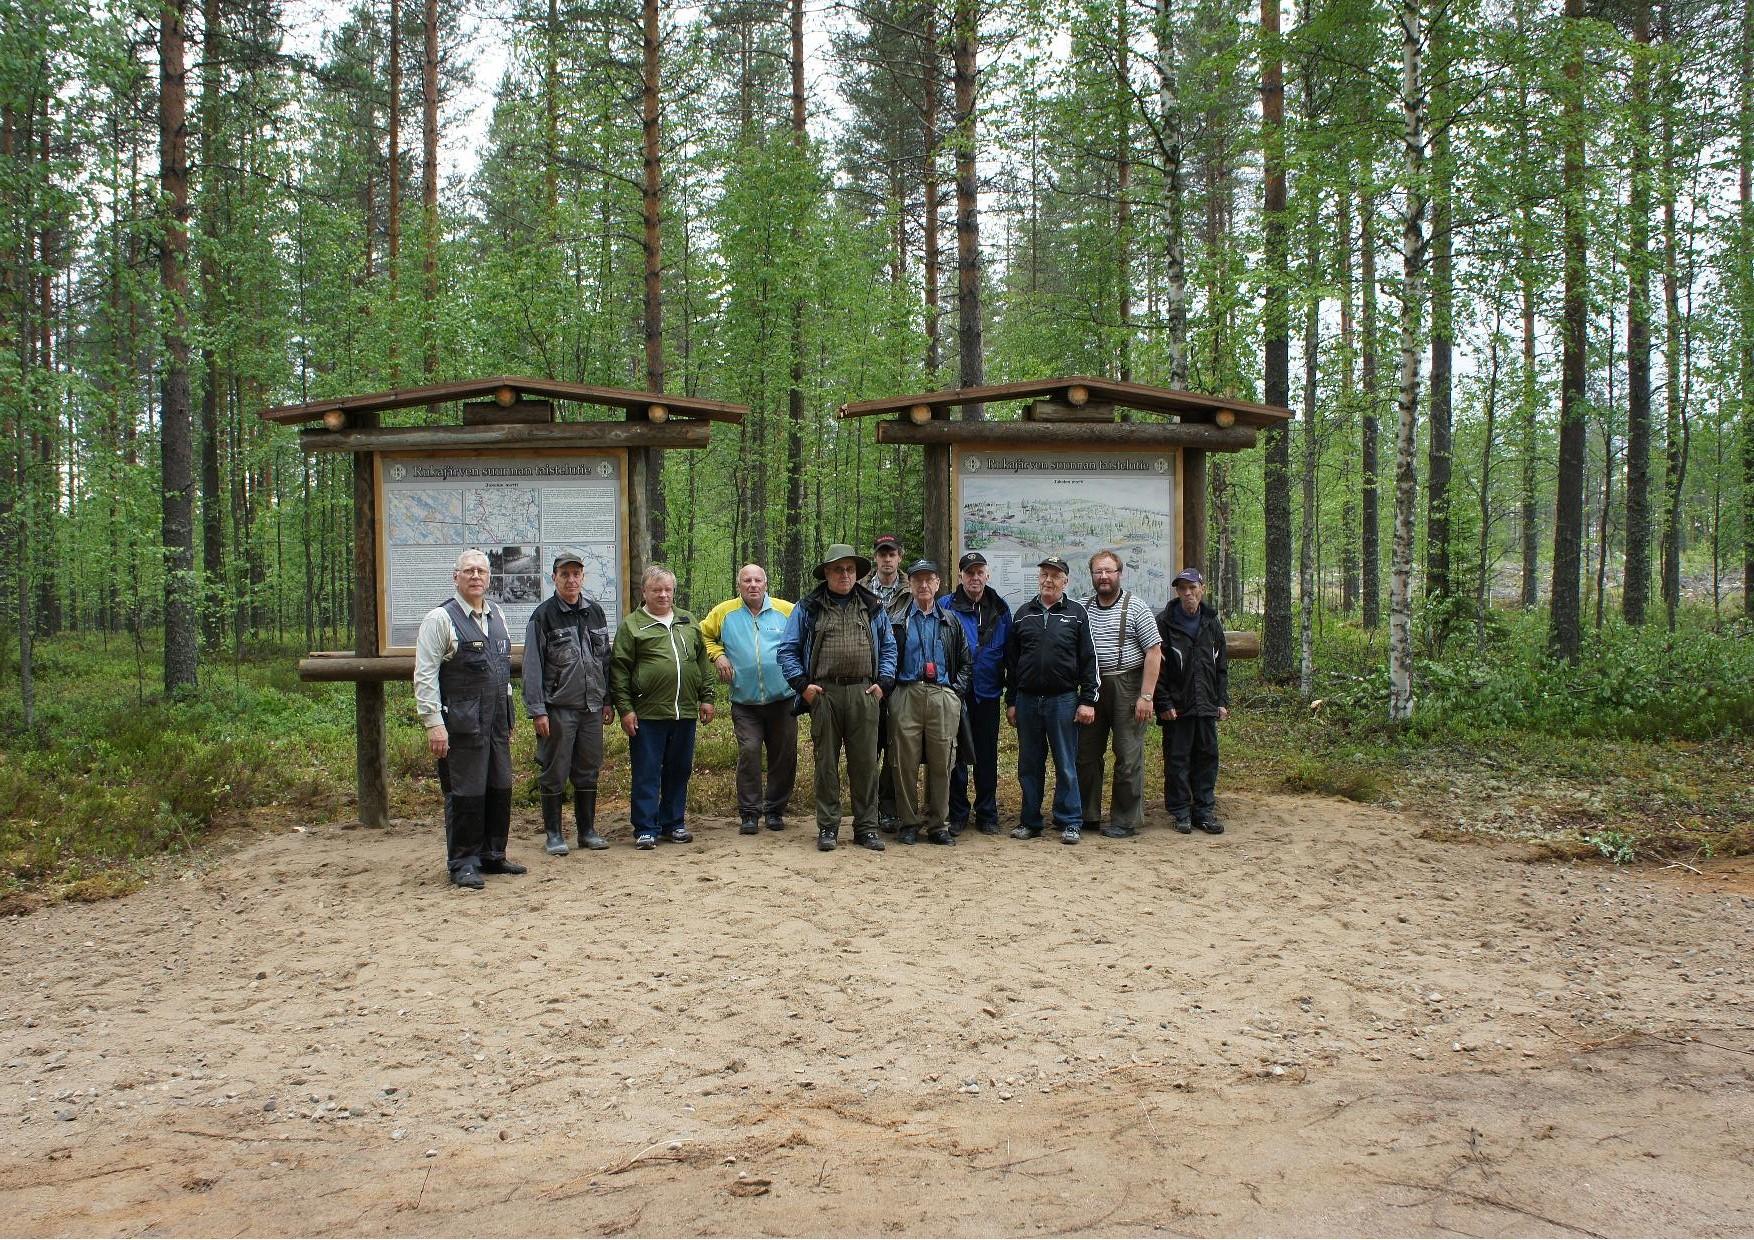 Rukajärven tien opasteet pystytettiin 18.6.2011 järjestetyillä talkoilla. Talkootyöhön osallistui kaikkiaan 53 henkilöä. Kuvassa Jukolan Motin opasteen pystyttämiseen osallistunut talkooporukka.